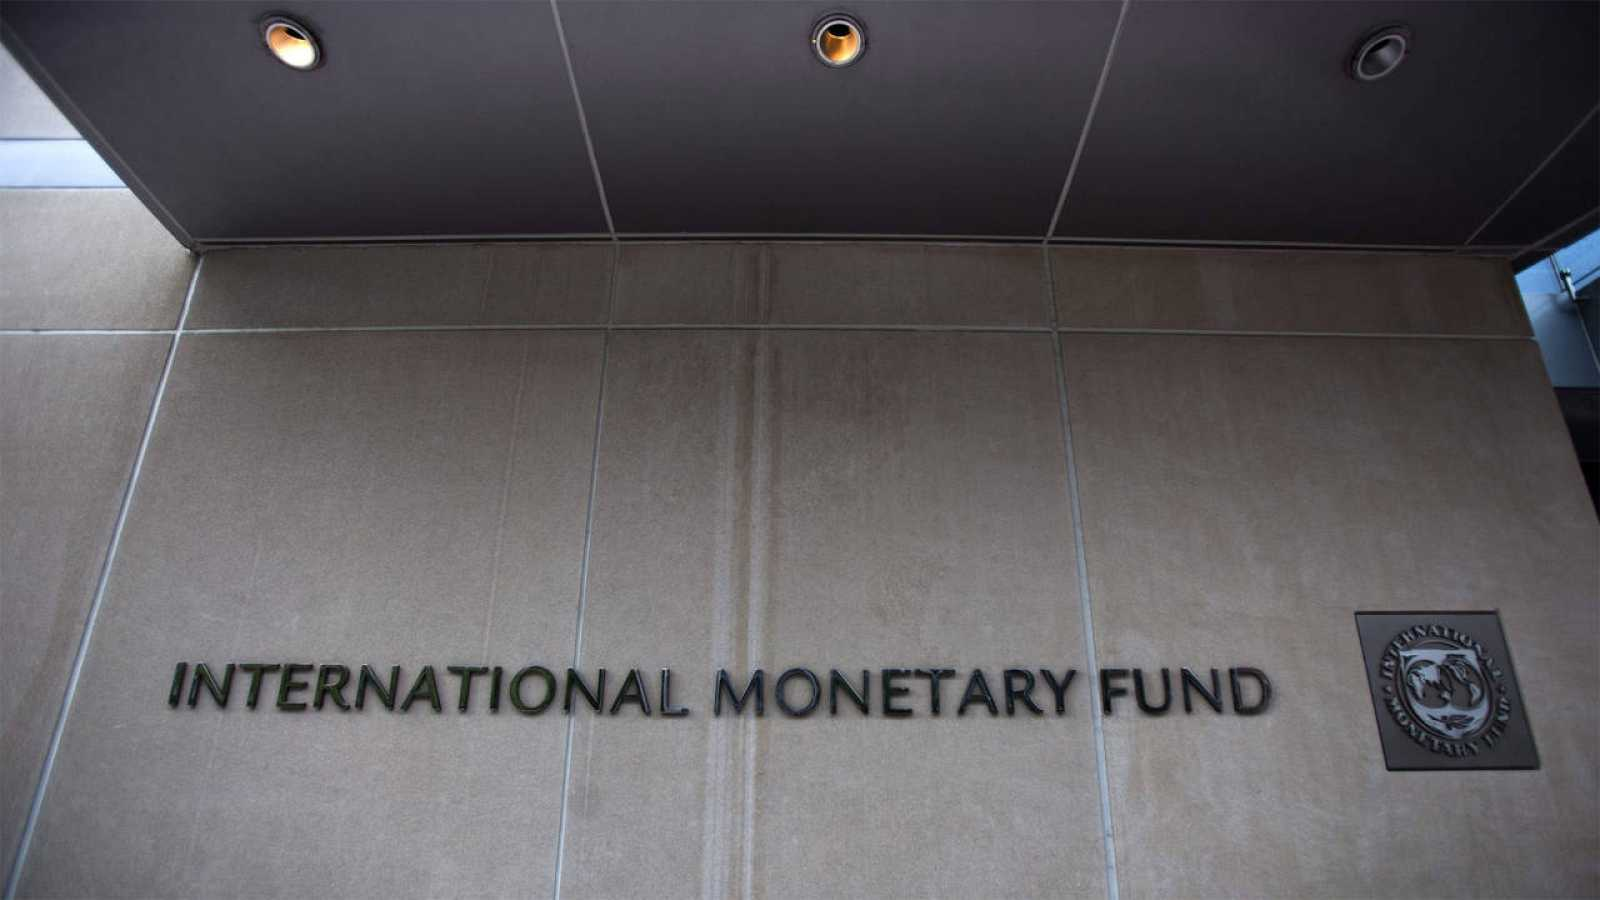 Imagen de la fachada de la sede del FMI en Washington, con el letrero del nombre de la entidad.